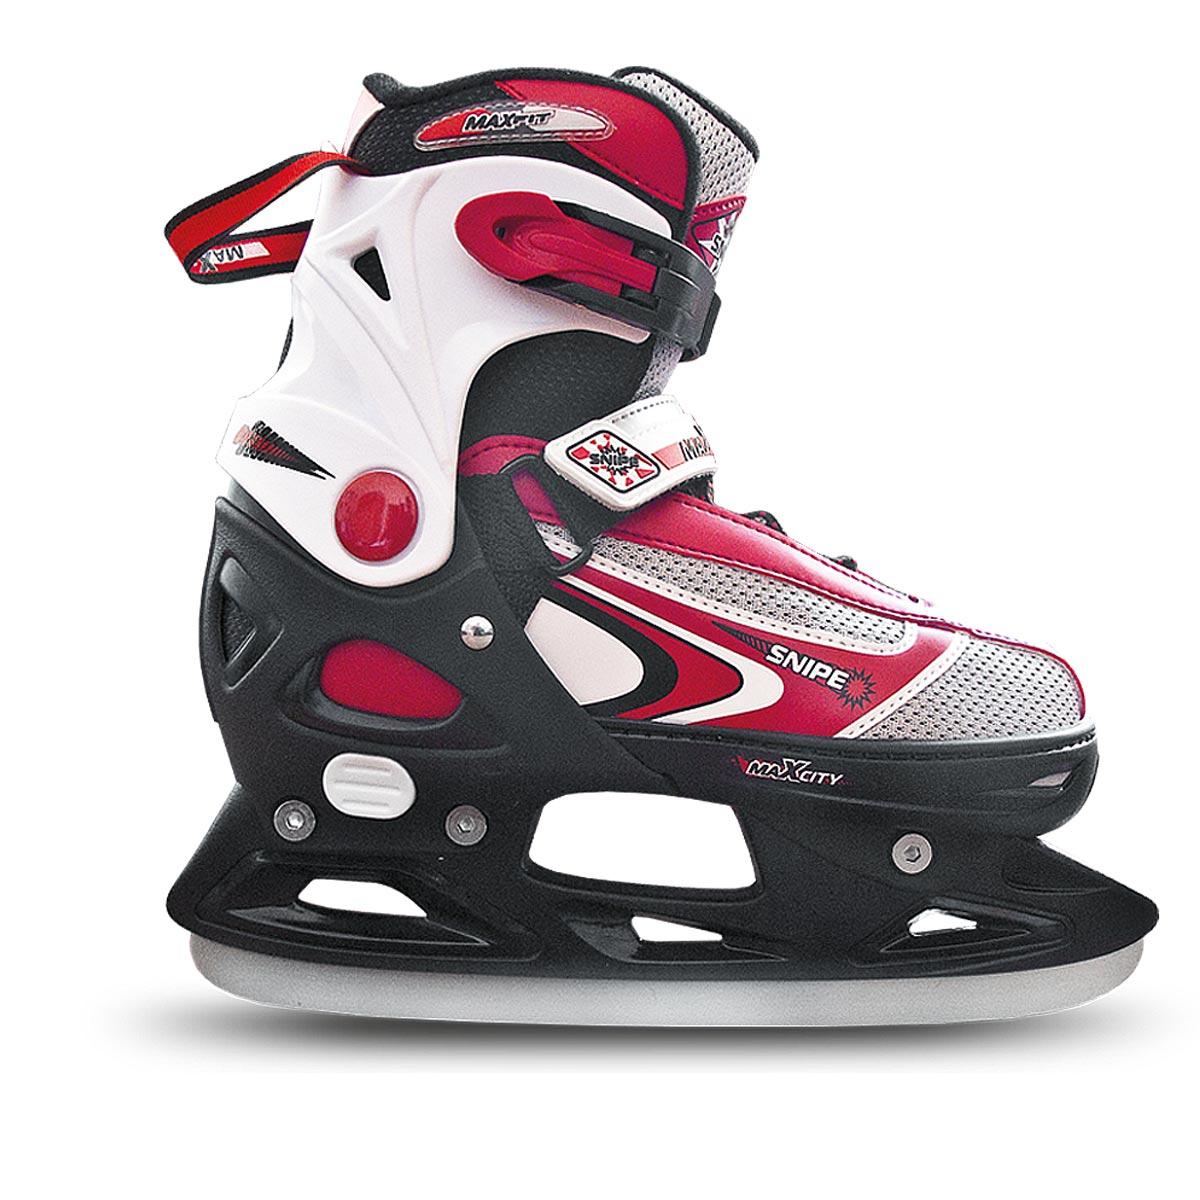 Коньки ледовые для мальчика MaxCity Snipe Boy, раздвижные, цвет: черный, серый, красный. Размер 29/32